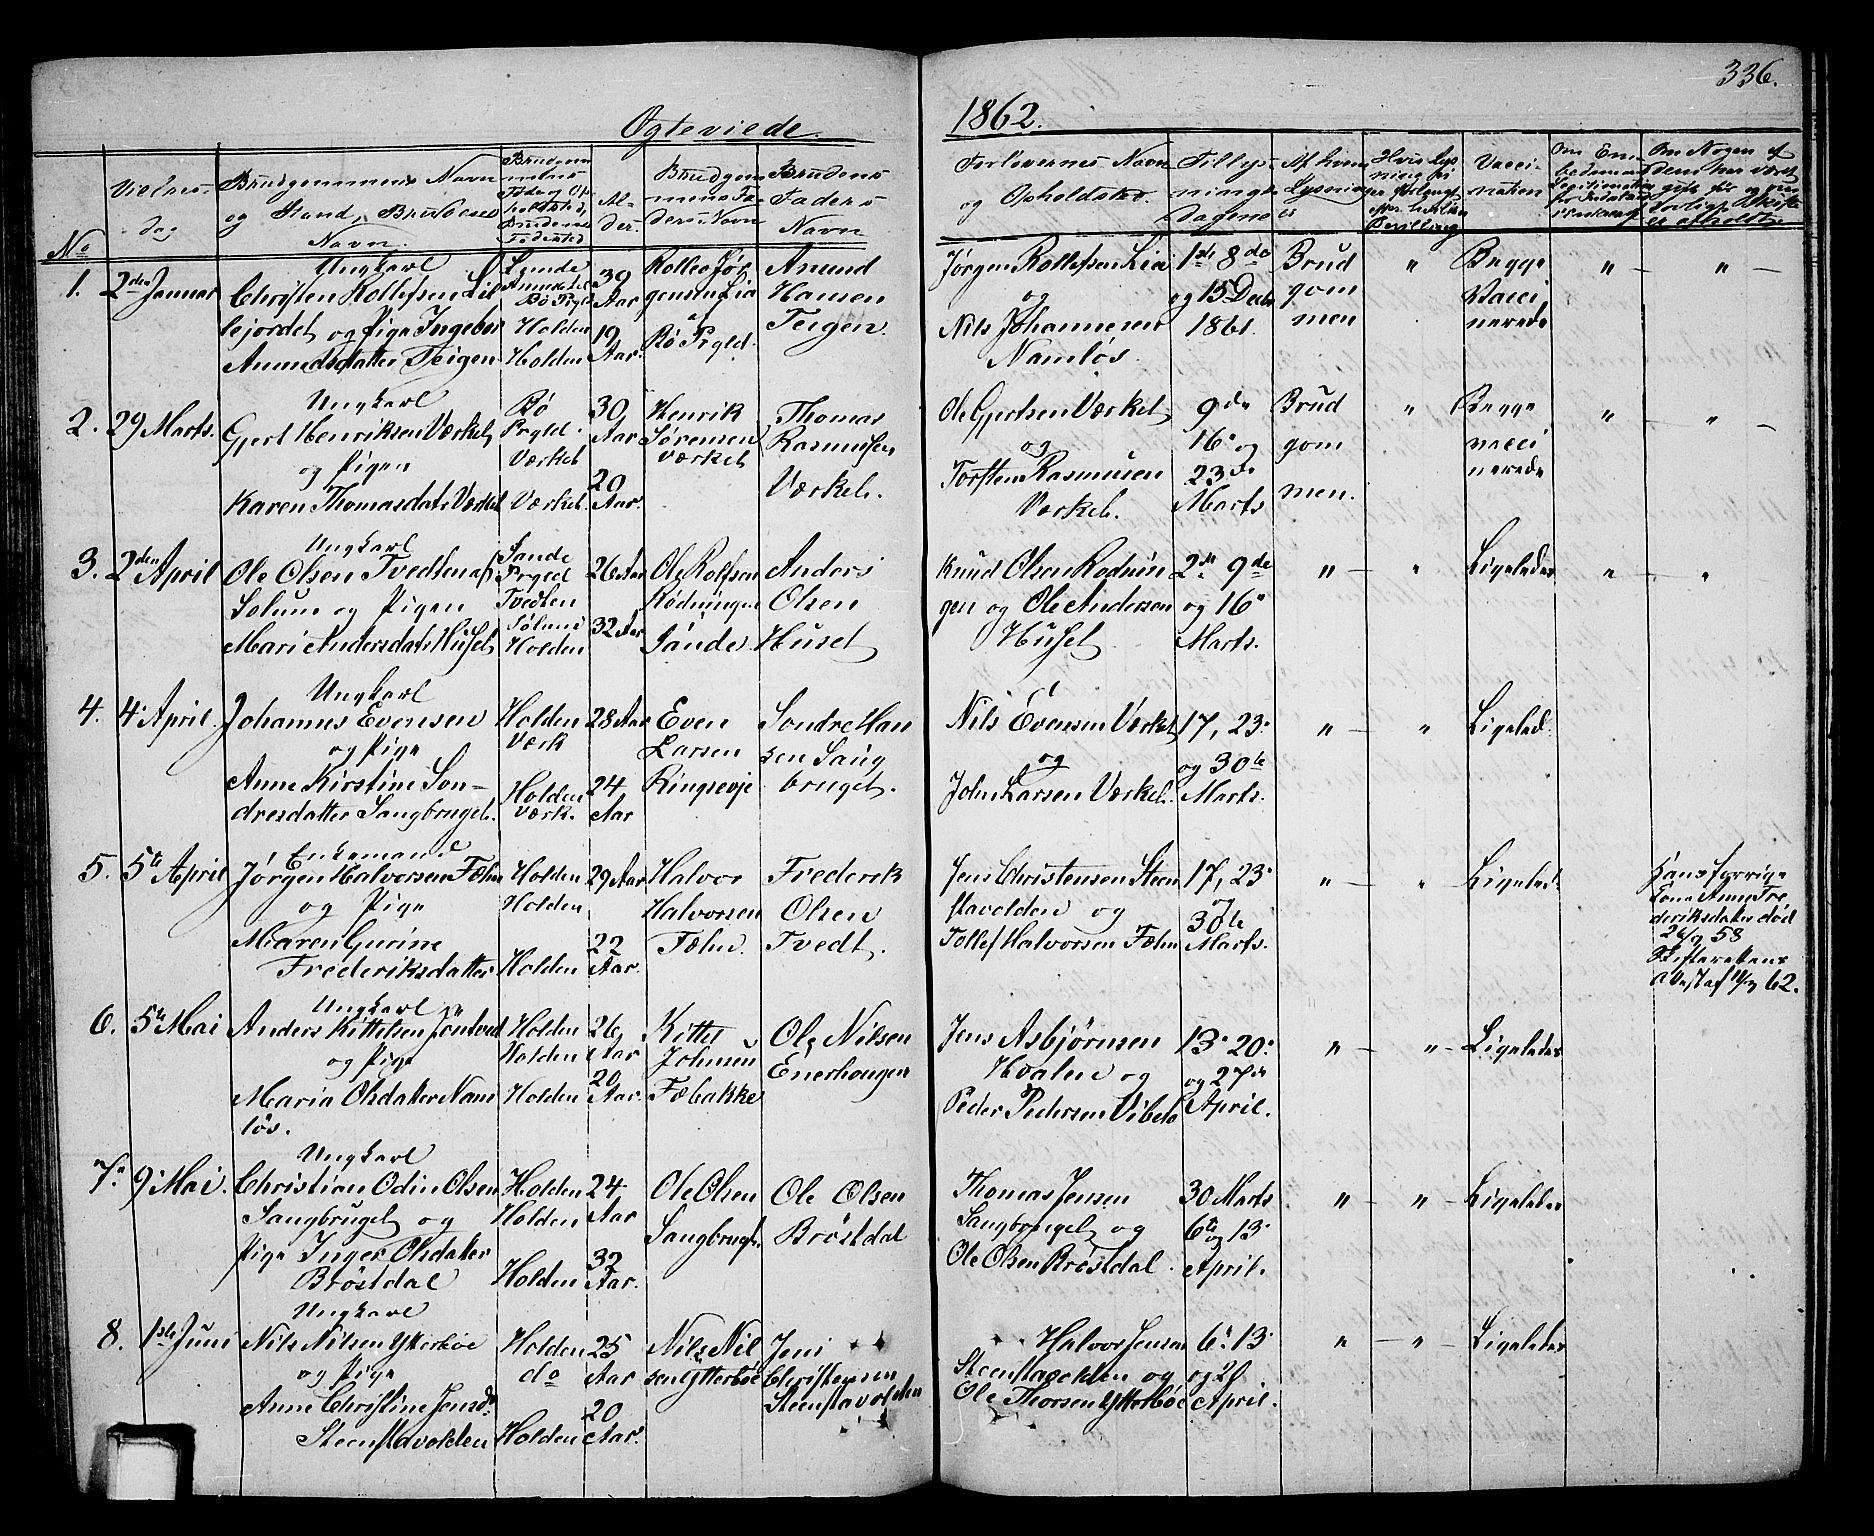 SAKO, Holla kirkebøker, G/Ga/L0003: Klokkerbok nr. I 3, 1849-1866, s. 336